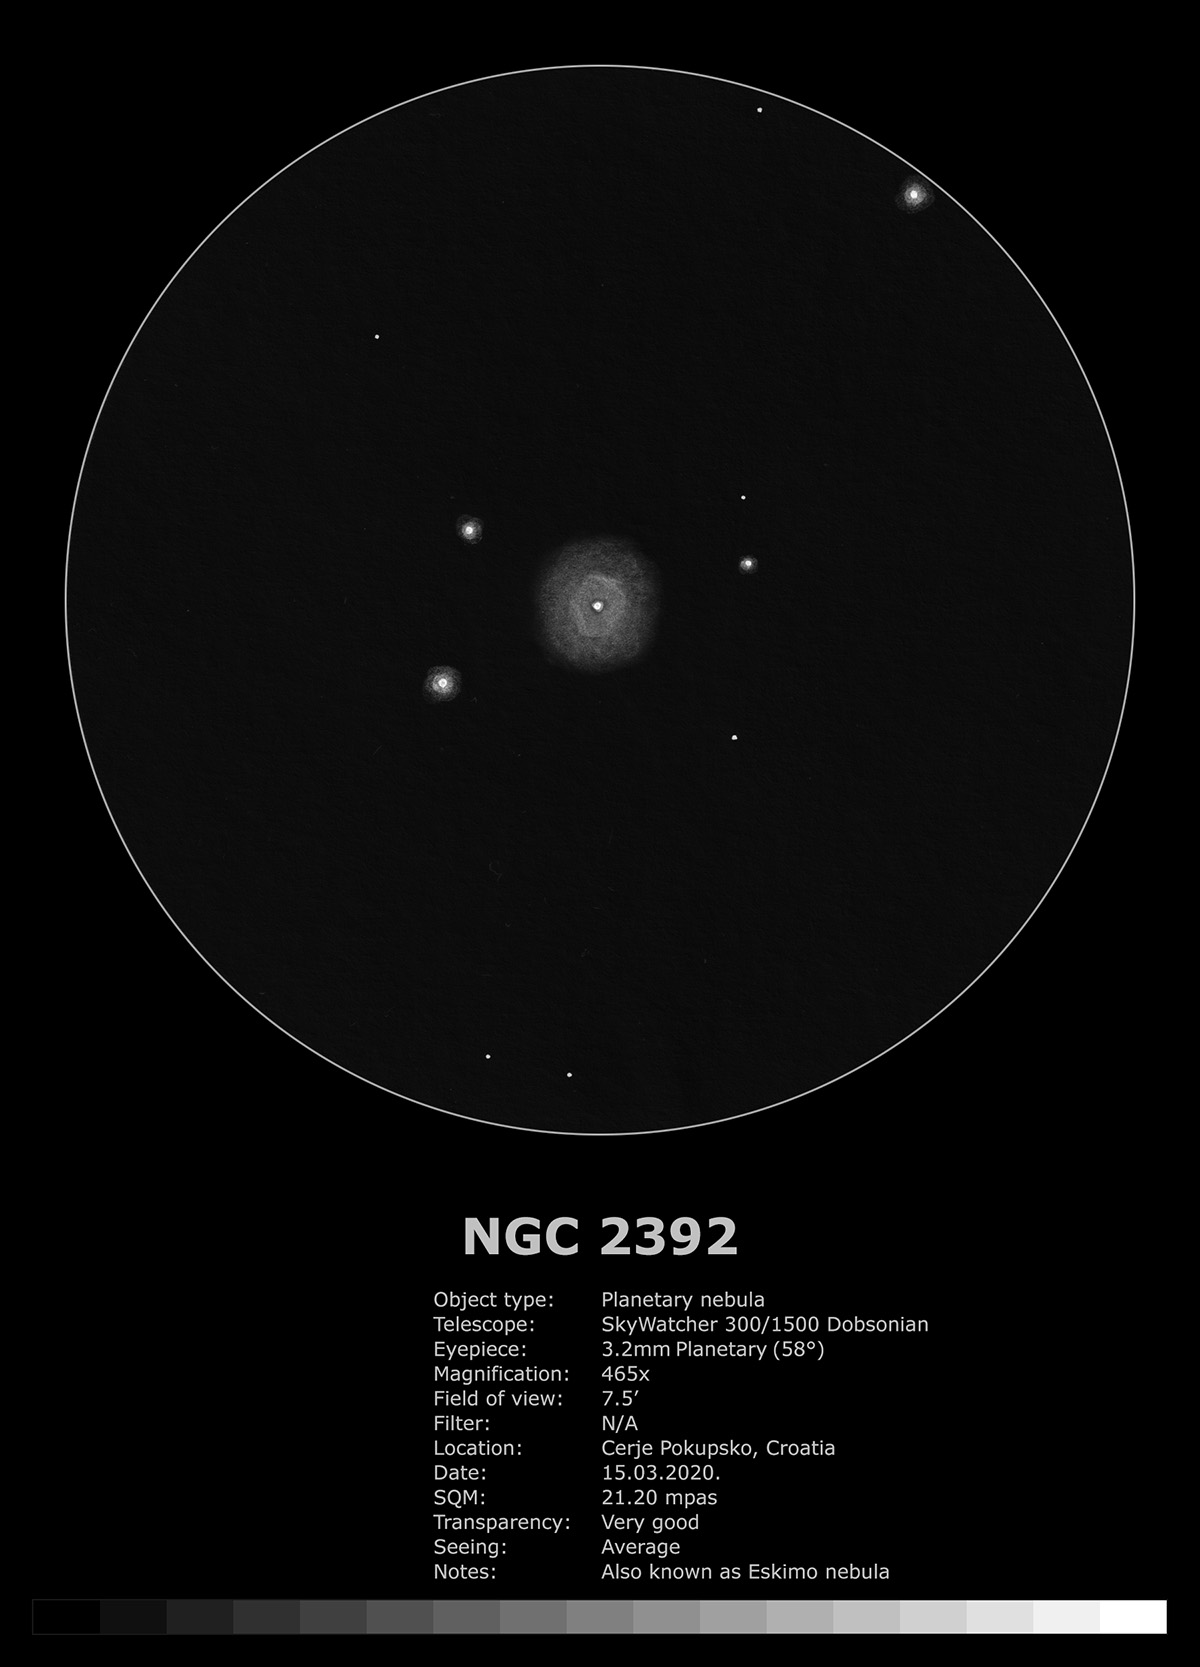 NGC 2392 (2020)